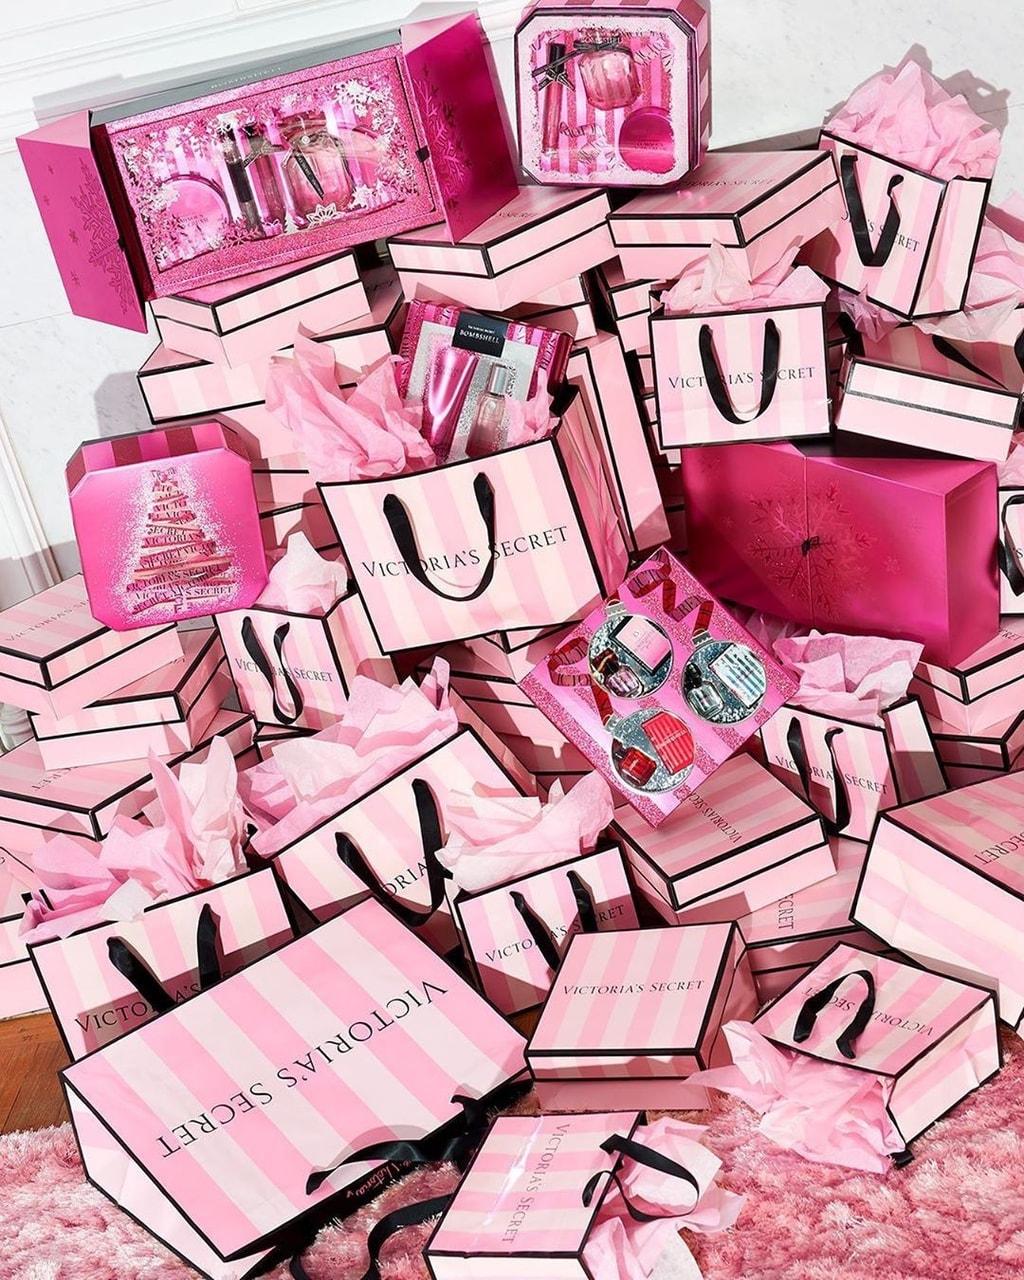 Dárková sada. Zdroj fotky: Weheartit.com